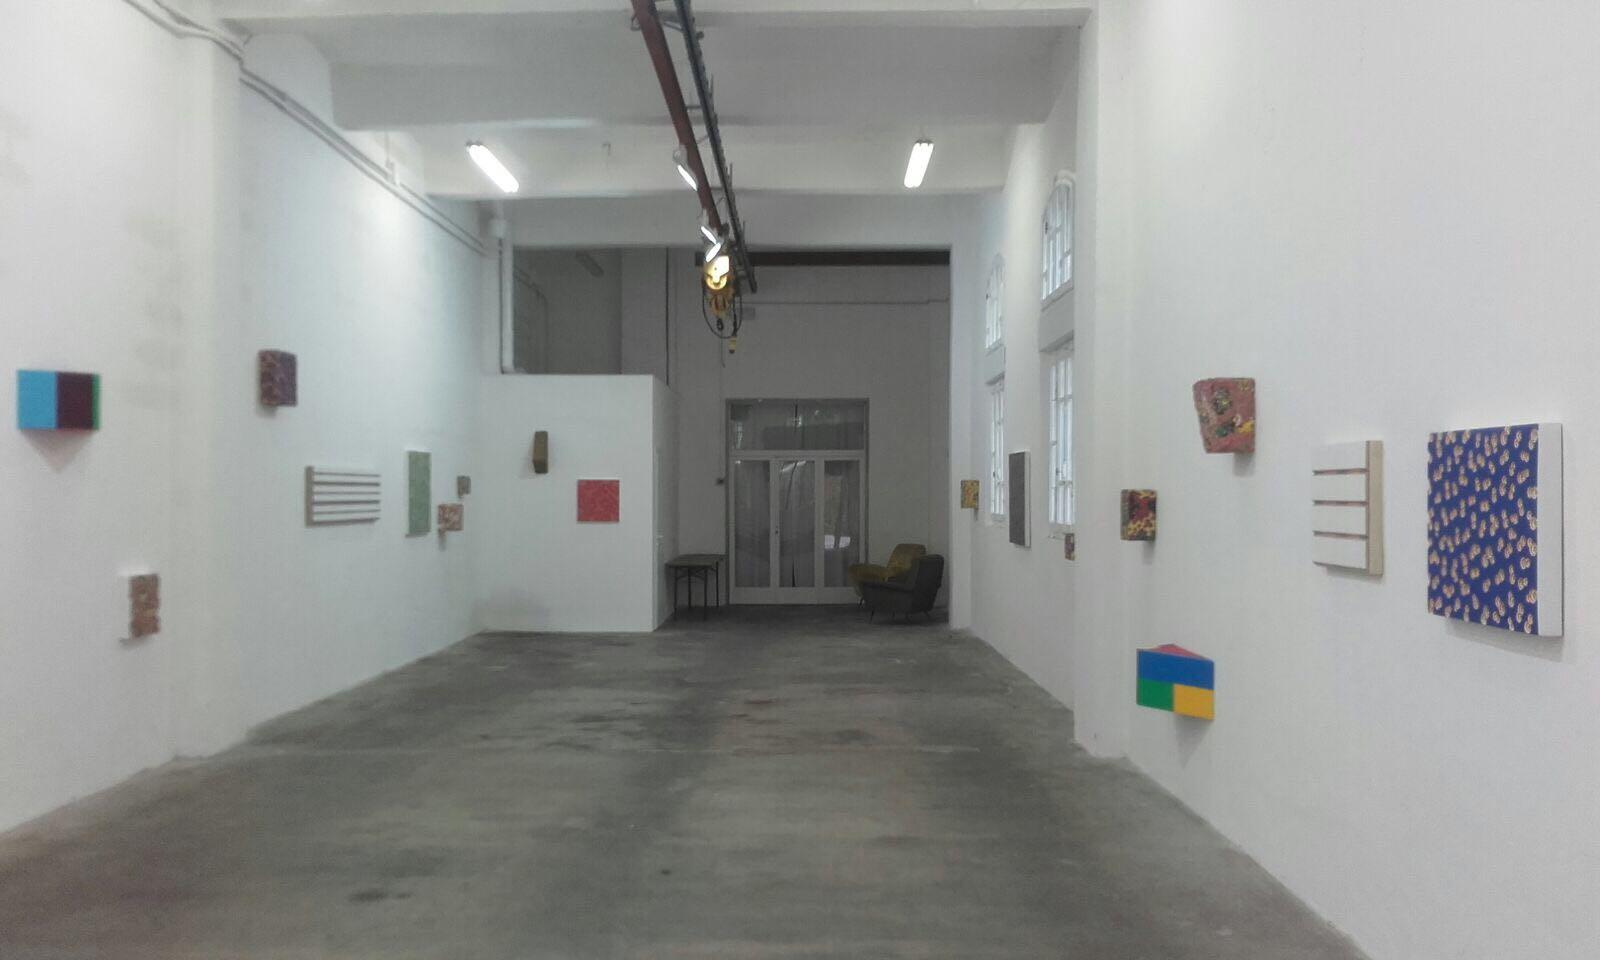 Vincenzo Frattini. Opere in ritmo, veduta della mostra, Galleria Giovanni Bonelli, Pietrasanta